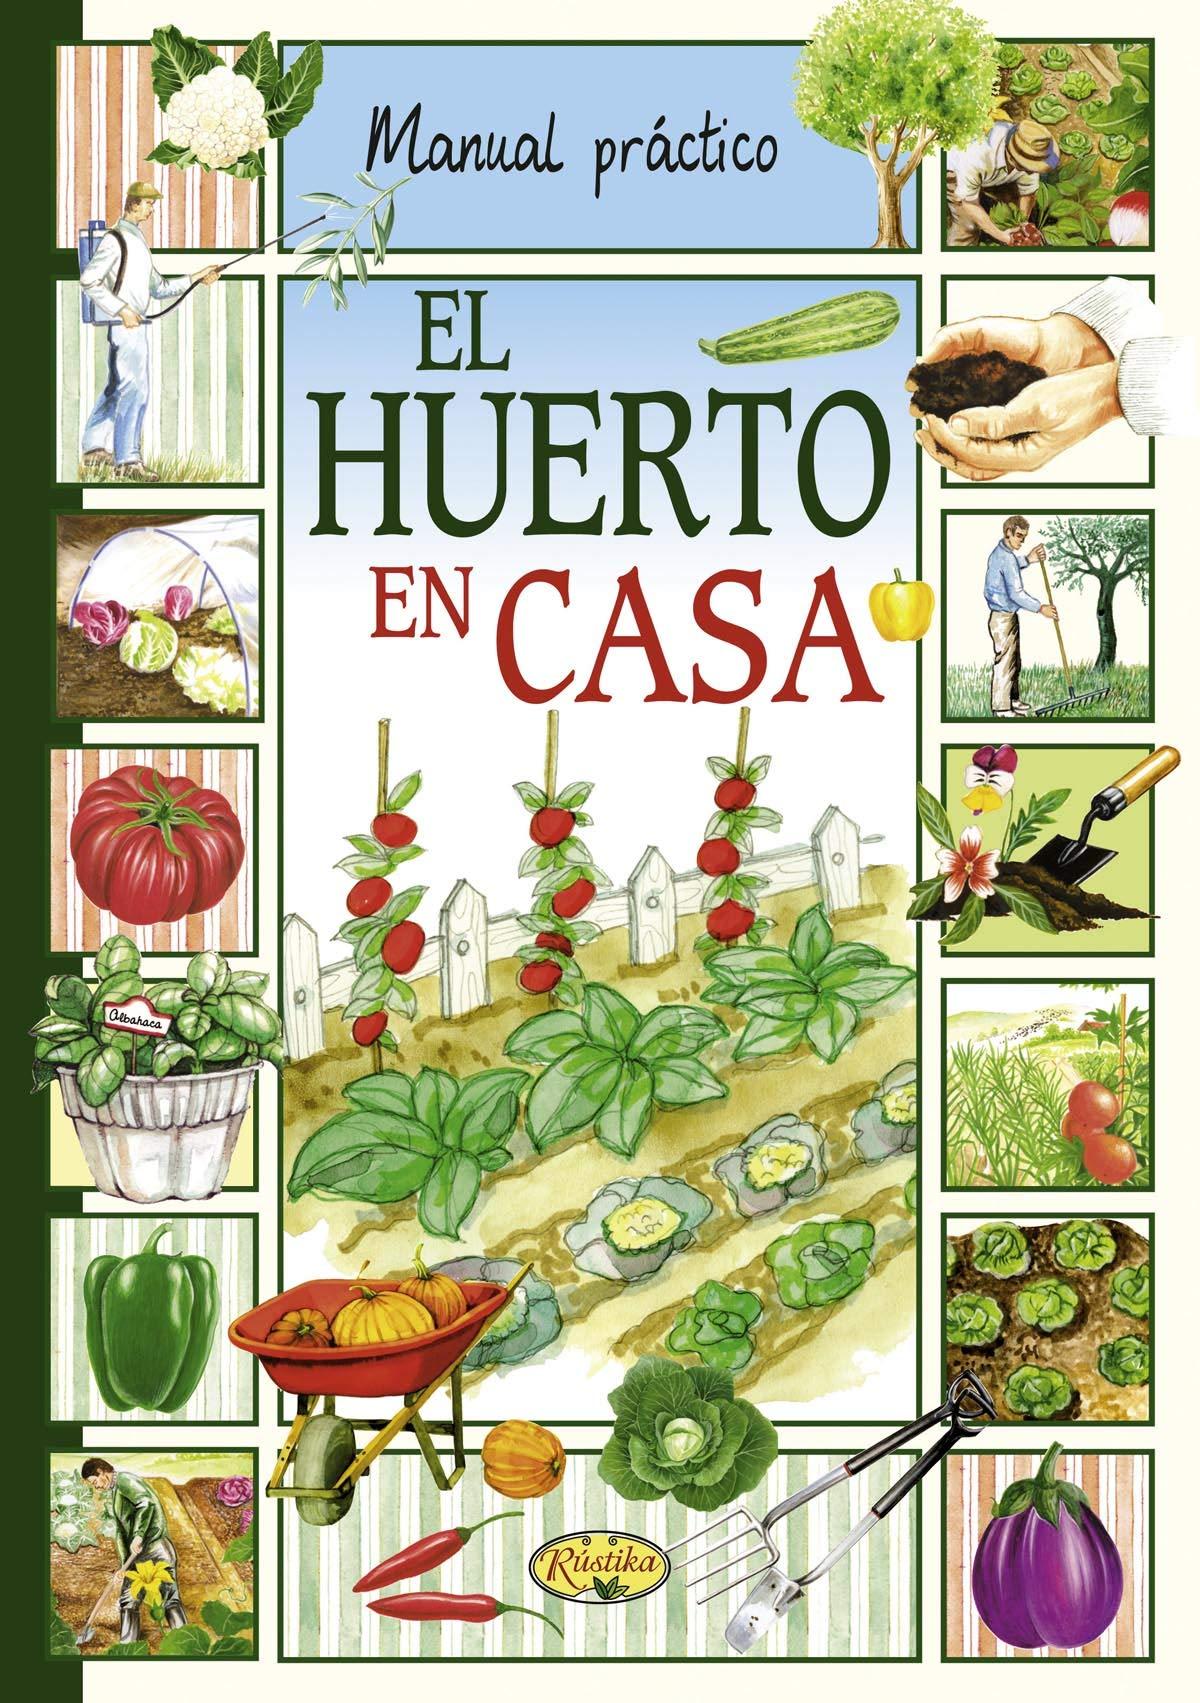 El huerto en casa (Manual práctico): Amazon.es: Rústika ...